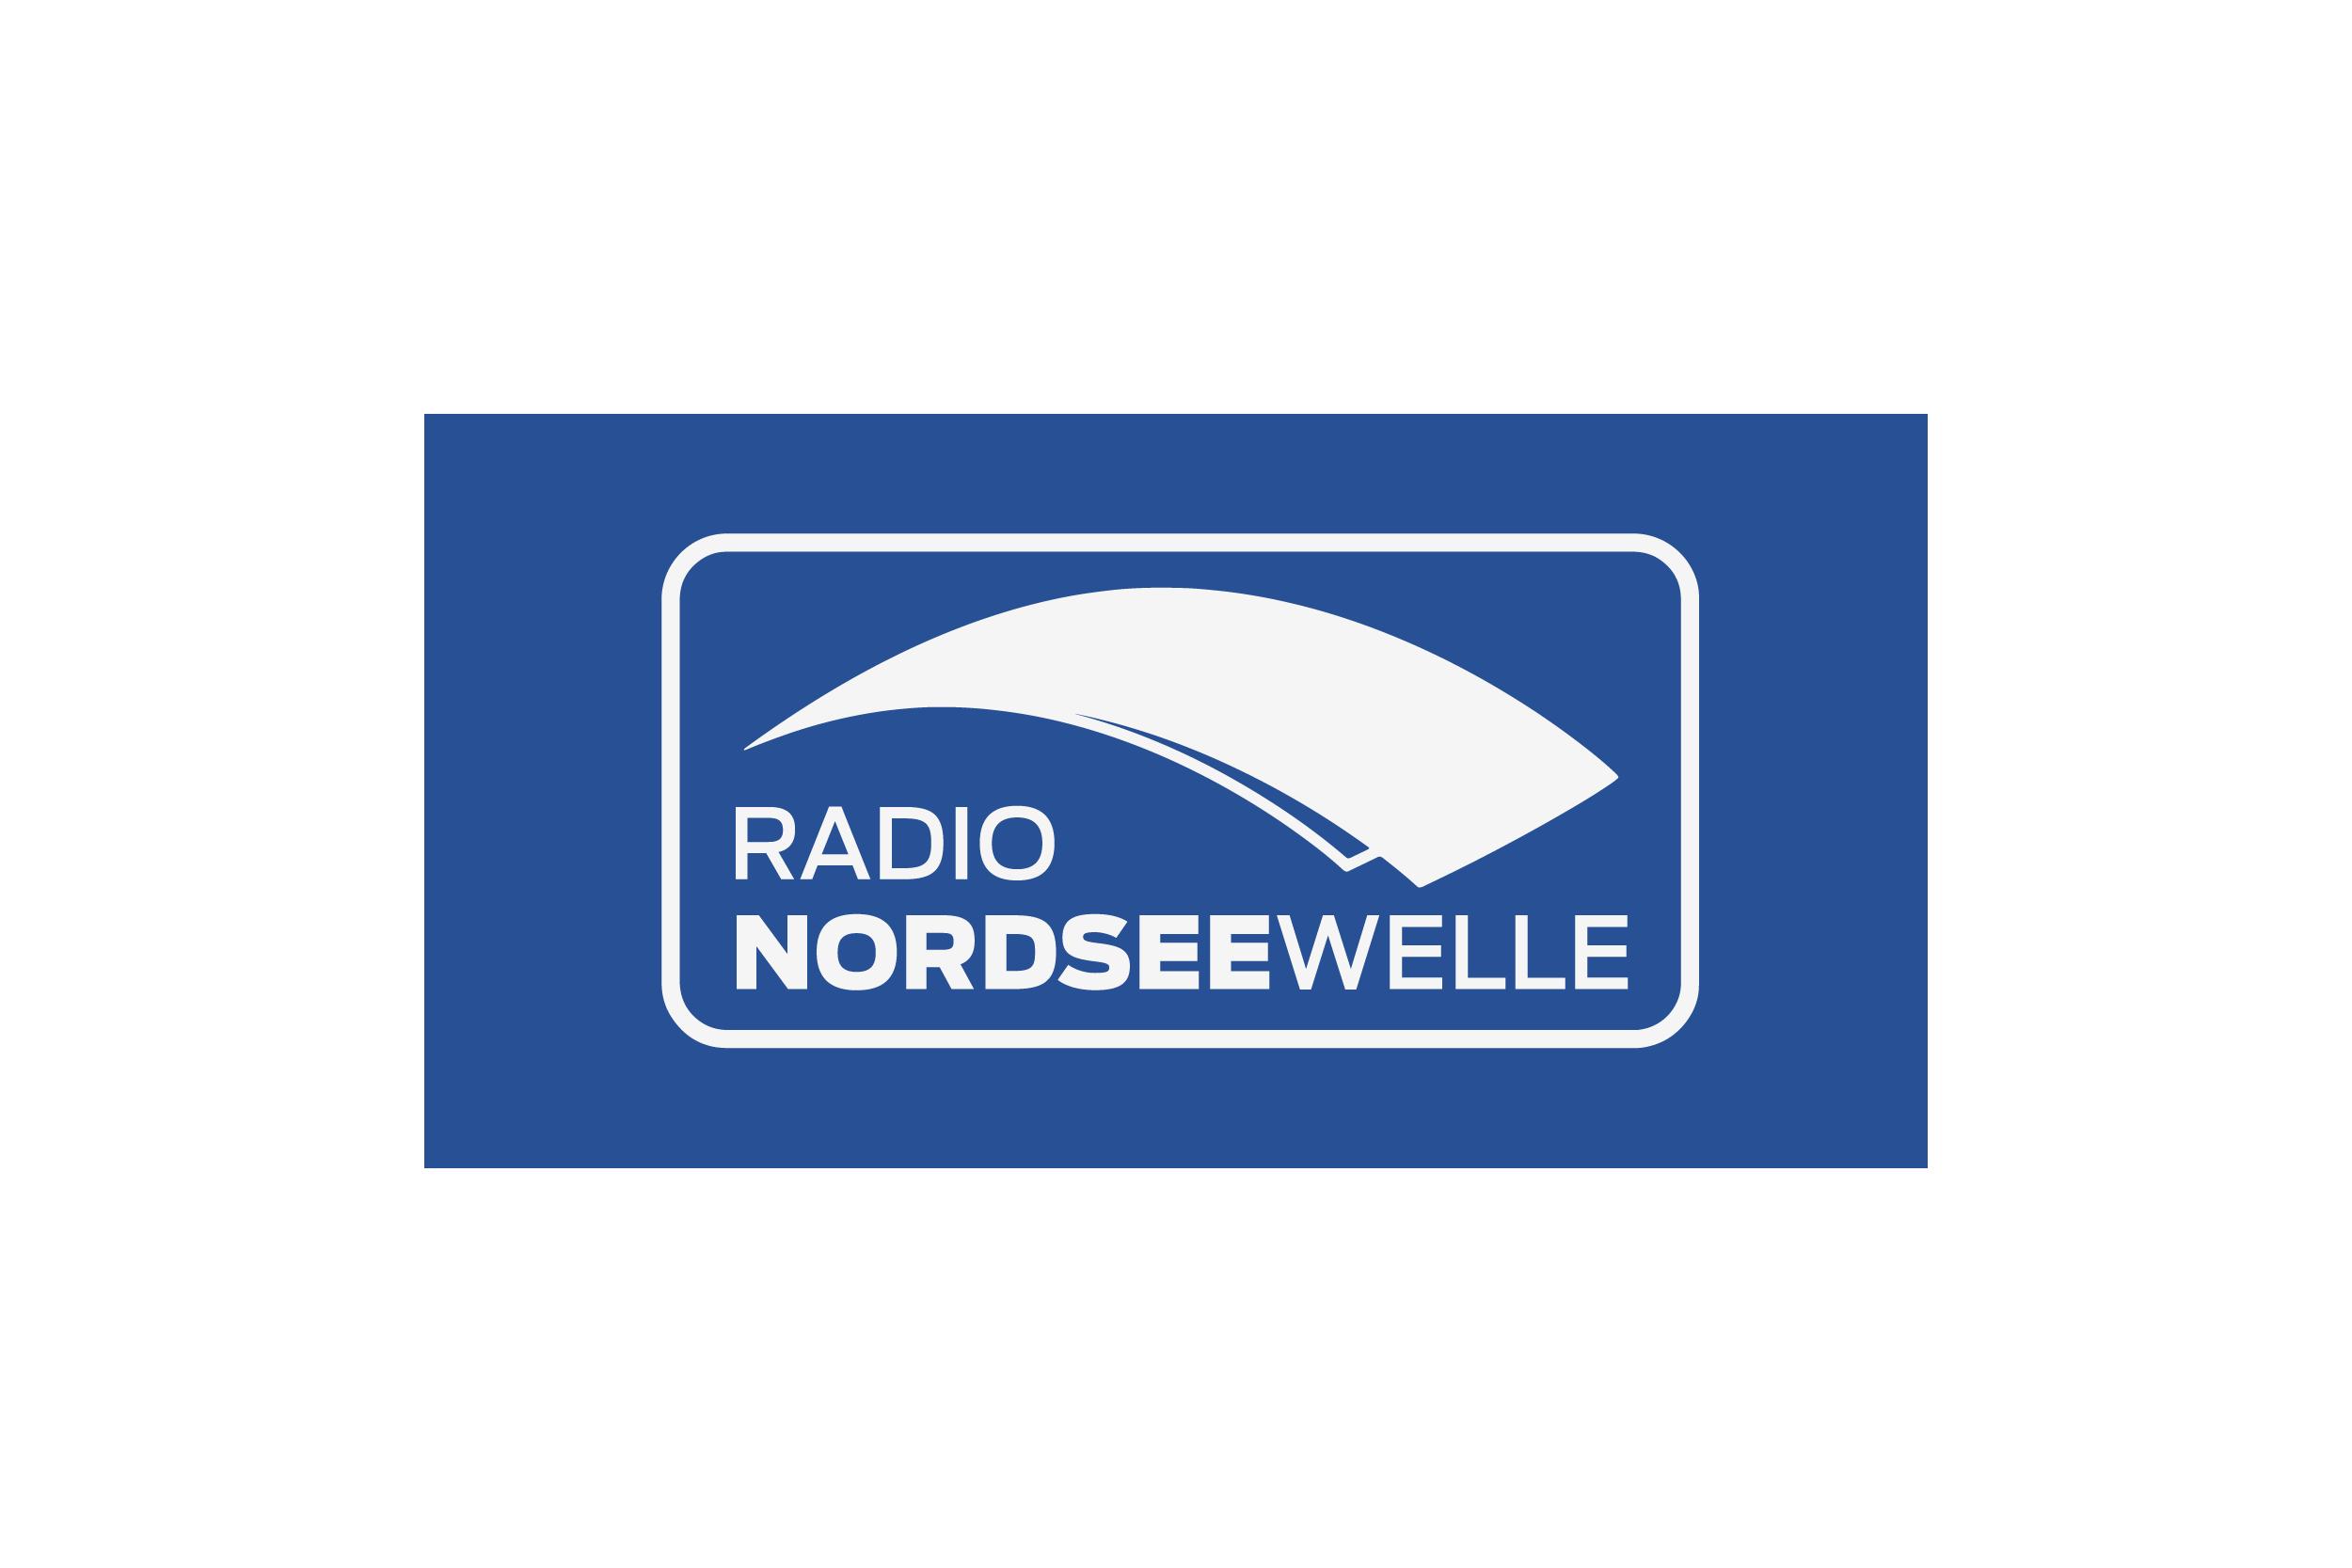 Radio_NordseeWelle.png